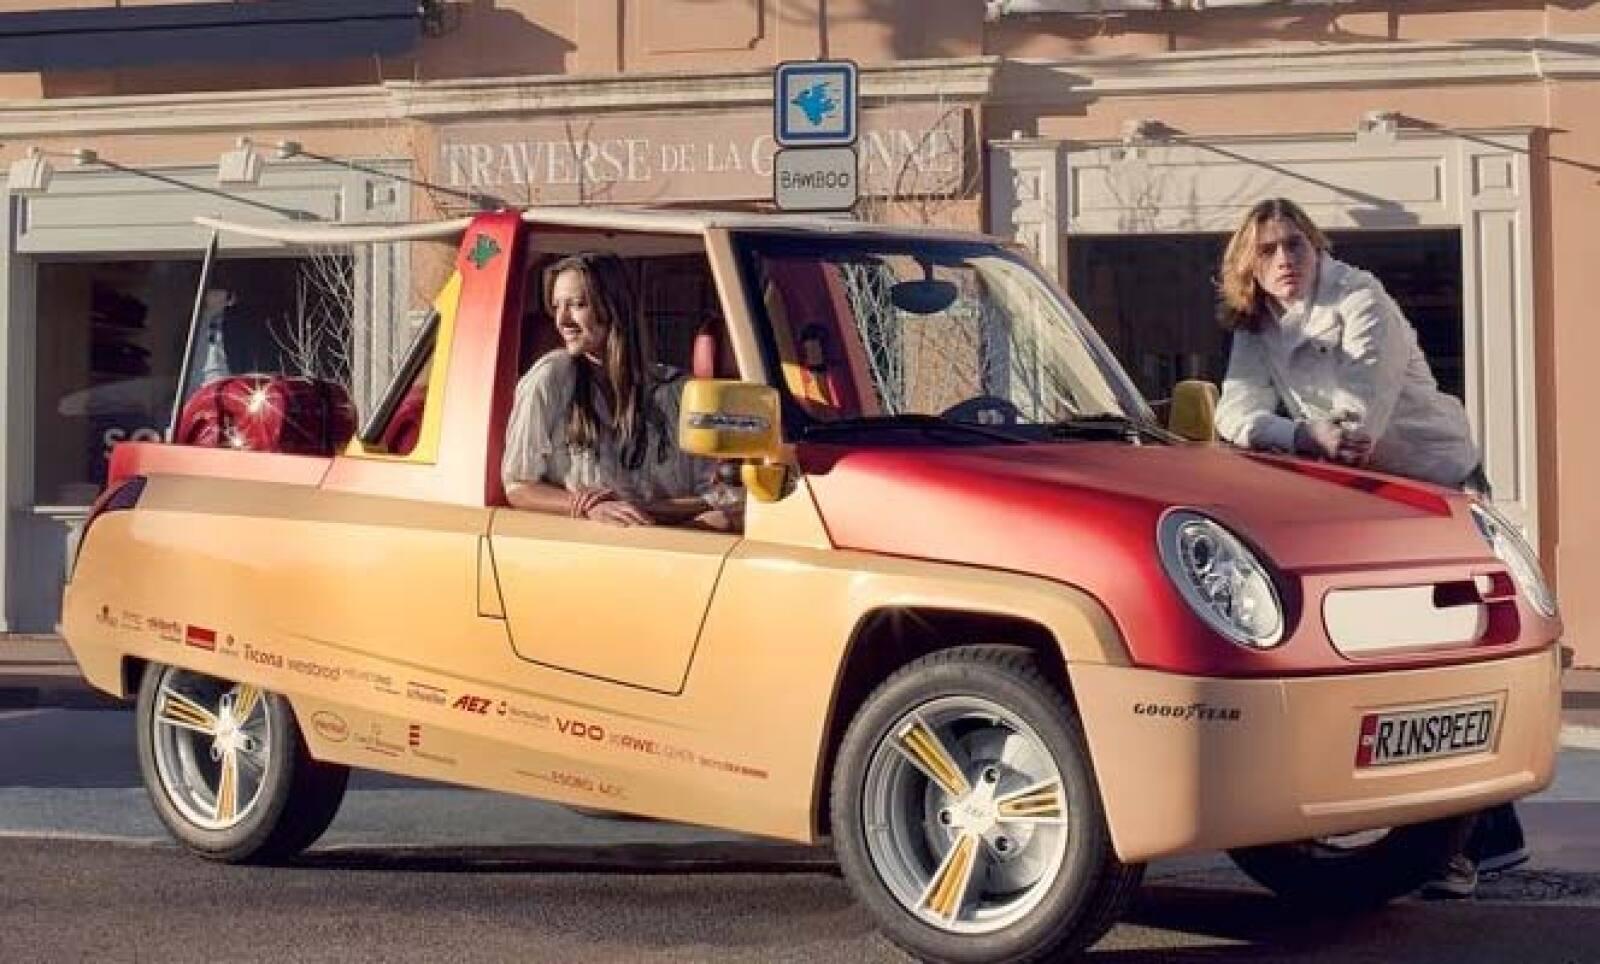 ¿Un coche fabricado con bambú? Esa es la apuesta de la firma francesa Rinspeed, que presenta este prototipo de vehículo fabricado al 100% con este material.